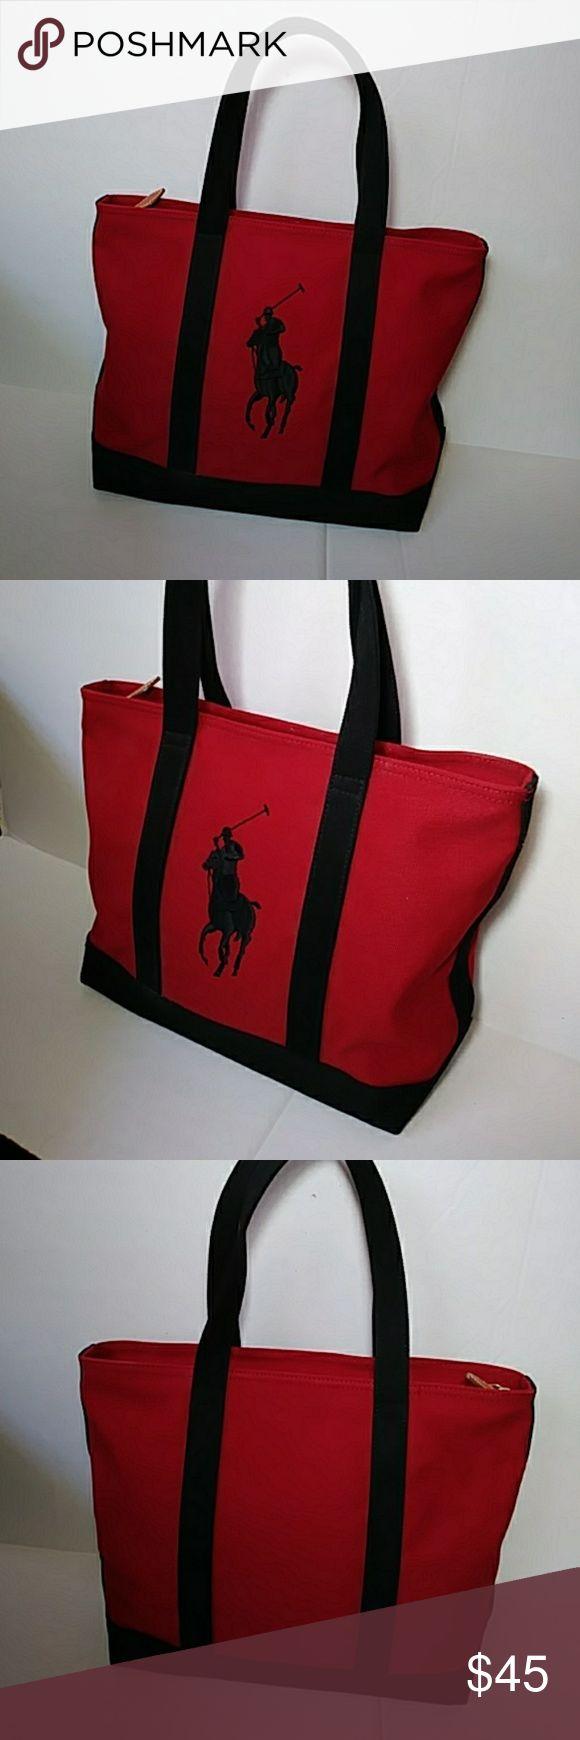 Ralp Lauren Tote No stains Ralph Lauren Bags Shoulder Bags